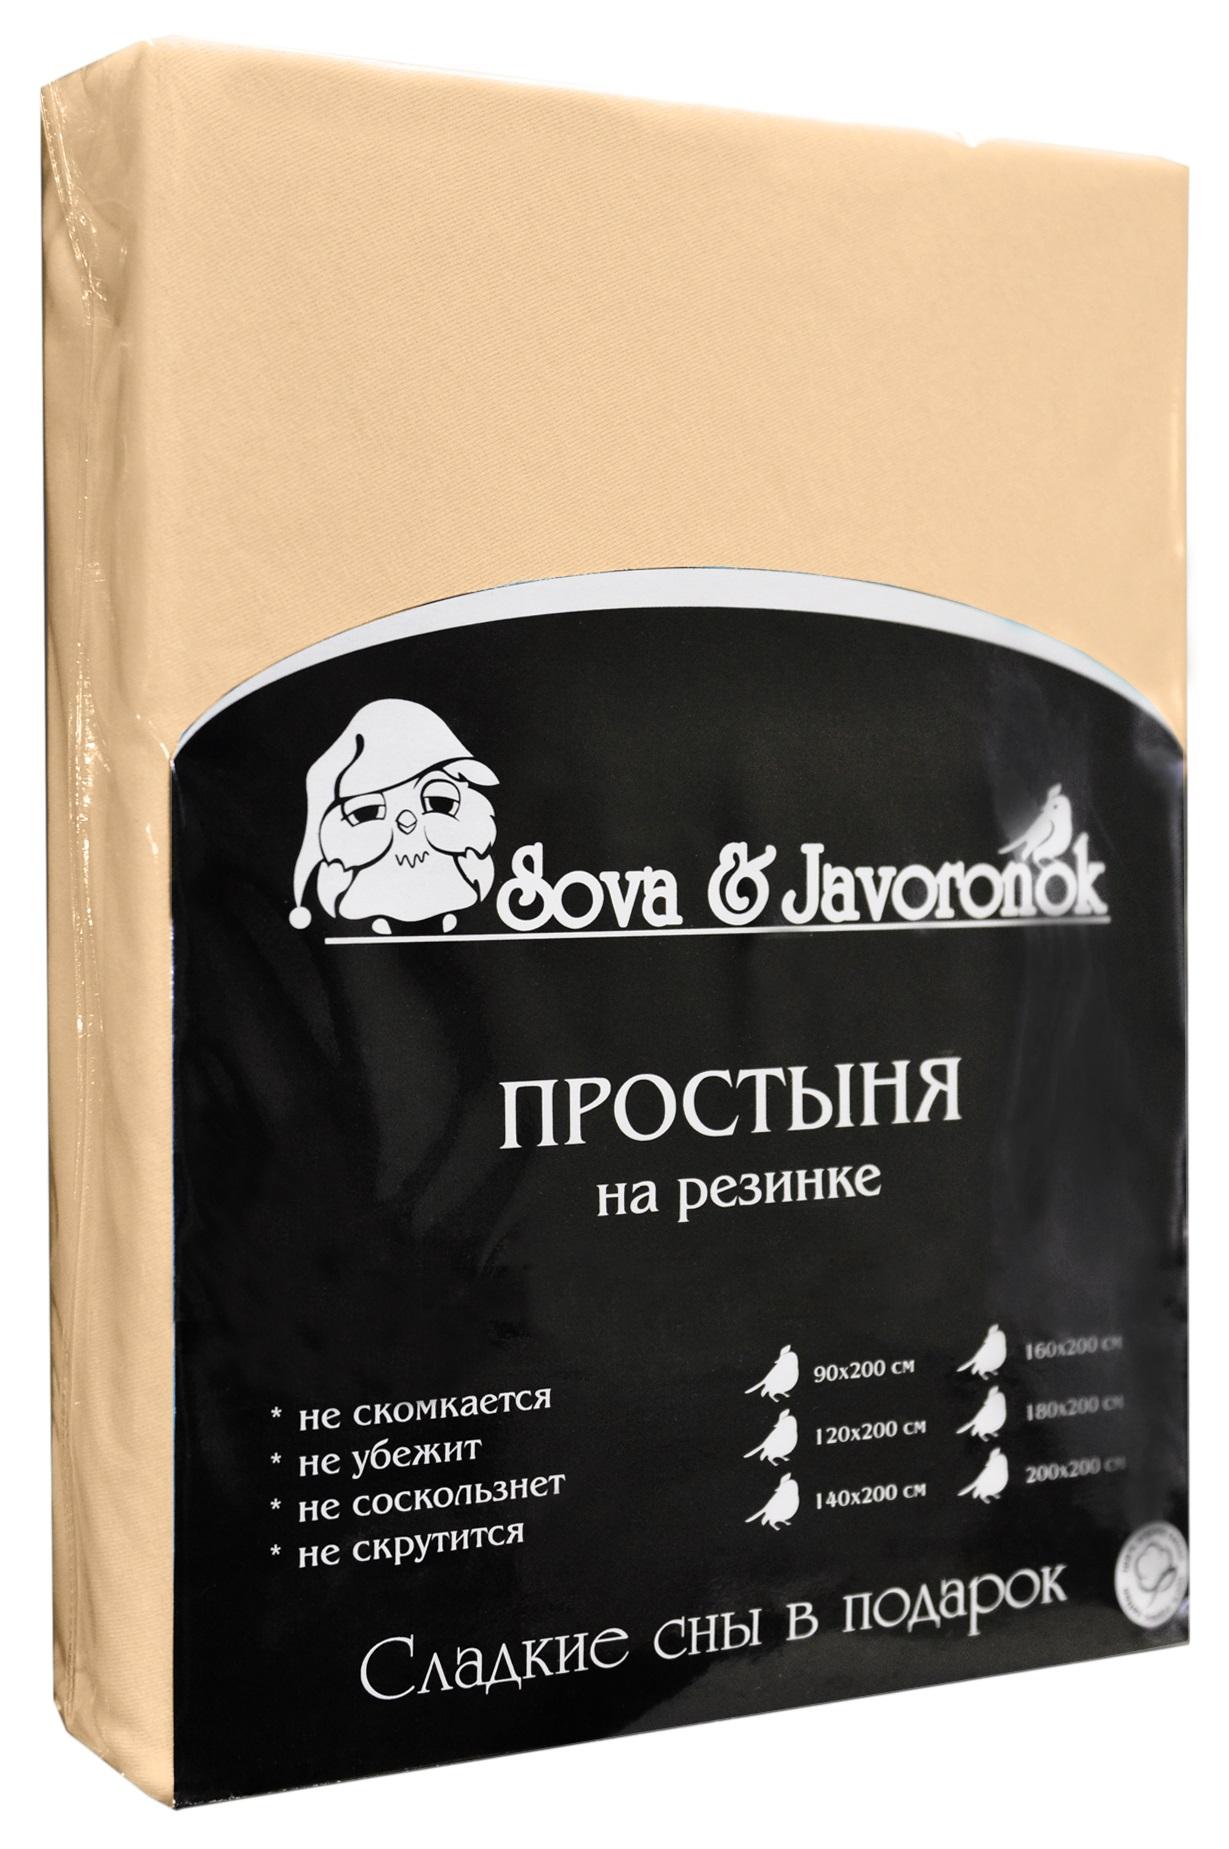 Простыня на резинке Sova & Javoronok, цвет: светло-бежевый, 200 х 200 см531-105Простыня на резинке Sova & Javoronok, изготовленная из трикотажной ткани (100% хлопок), будет превосходно смотреться с любыми комплектами белья. Хлопчатобумажный трикотаж по праву считается одним из самых качественных, прочных и при этом приятных на ощупь. Его гигиеничность позволяет использовать простыню и в детских комнатах, к тому же 100%-ый хлопок в составе ткани не вызовет аллергии. У трикотажного полотна очень интересная структура, немного рыхлая за счет отсутствия плотного переплетения нитей и наличия особых петель, благодаря этому простыня Сова и Жаворонок отлично пропускает воздух и способствует его постоянной циркуляции. Поэтому ваша постель будет всегда оставаться свежей. Но главное и, пожалуй, самое известное свойство трикотажа - это его великолепная растяжимость, поэтому эта ткань и была выбрана для натяжной простыни на резинке.Простыня прошита резинкой по всему периметру, что обеспечивает более комфортный отдых, так как она прочно удерживается на матрасе и избавляет от необходимости часто поправлять простыню.